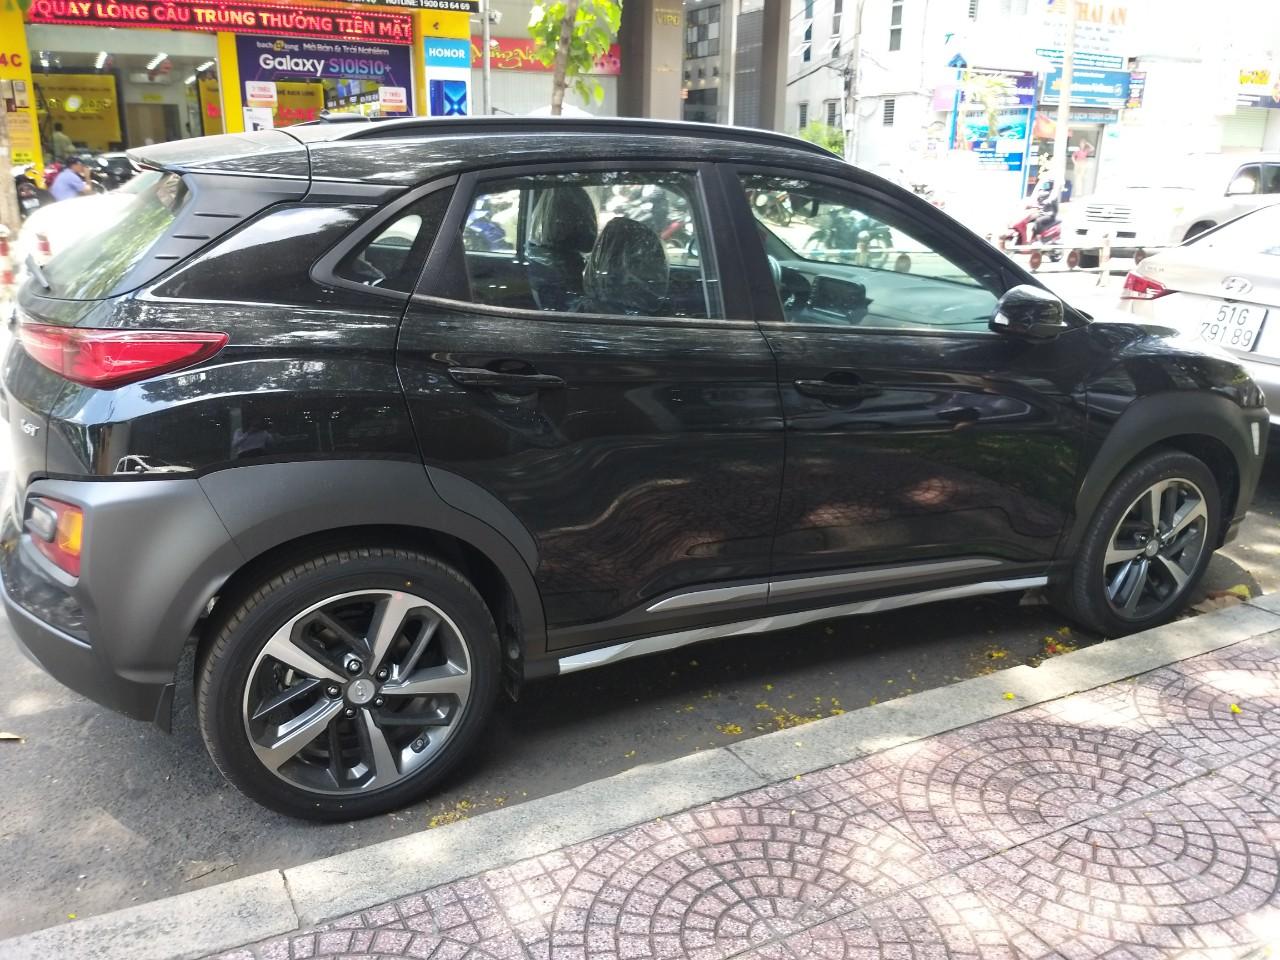 Hyundai Kona Turbo màu đen giá tốt, Hyundai An Phú, Hyundai Kona Turbo, Kona 2019, Xe Hyundai